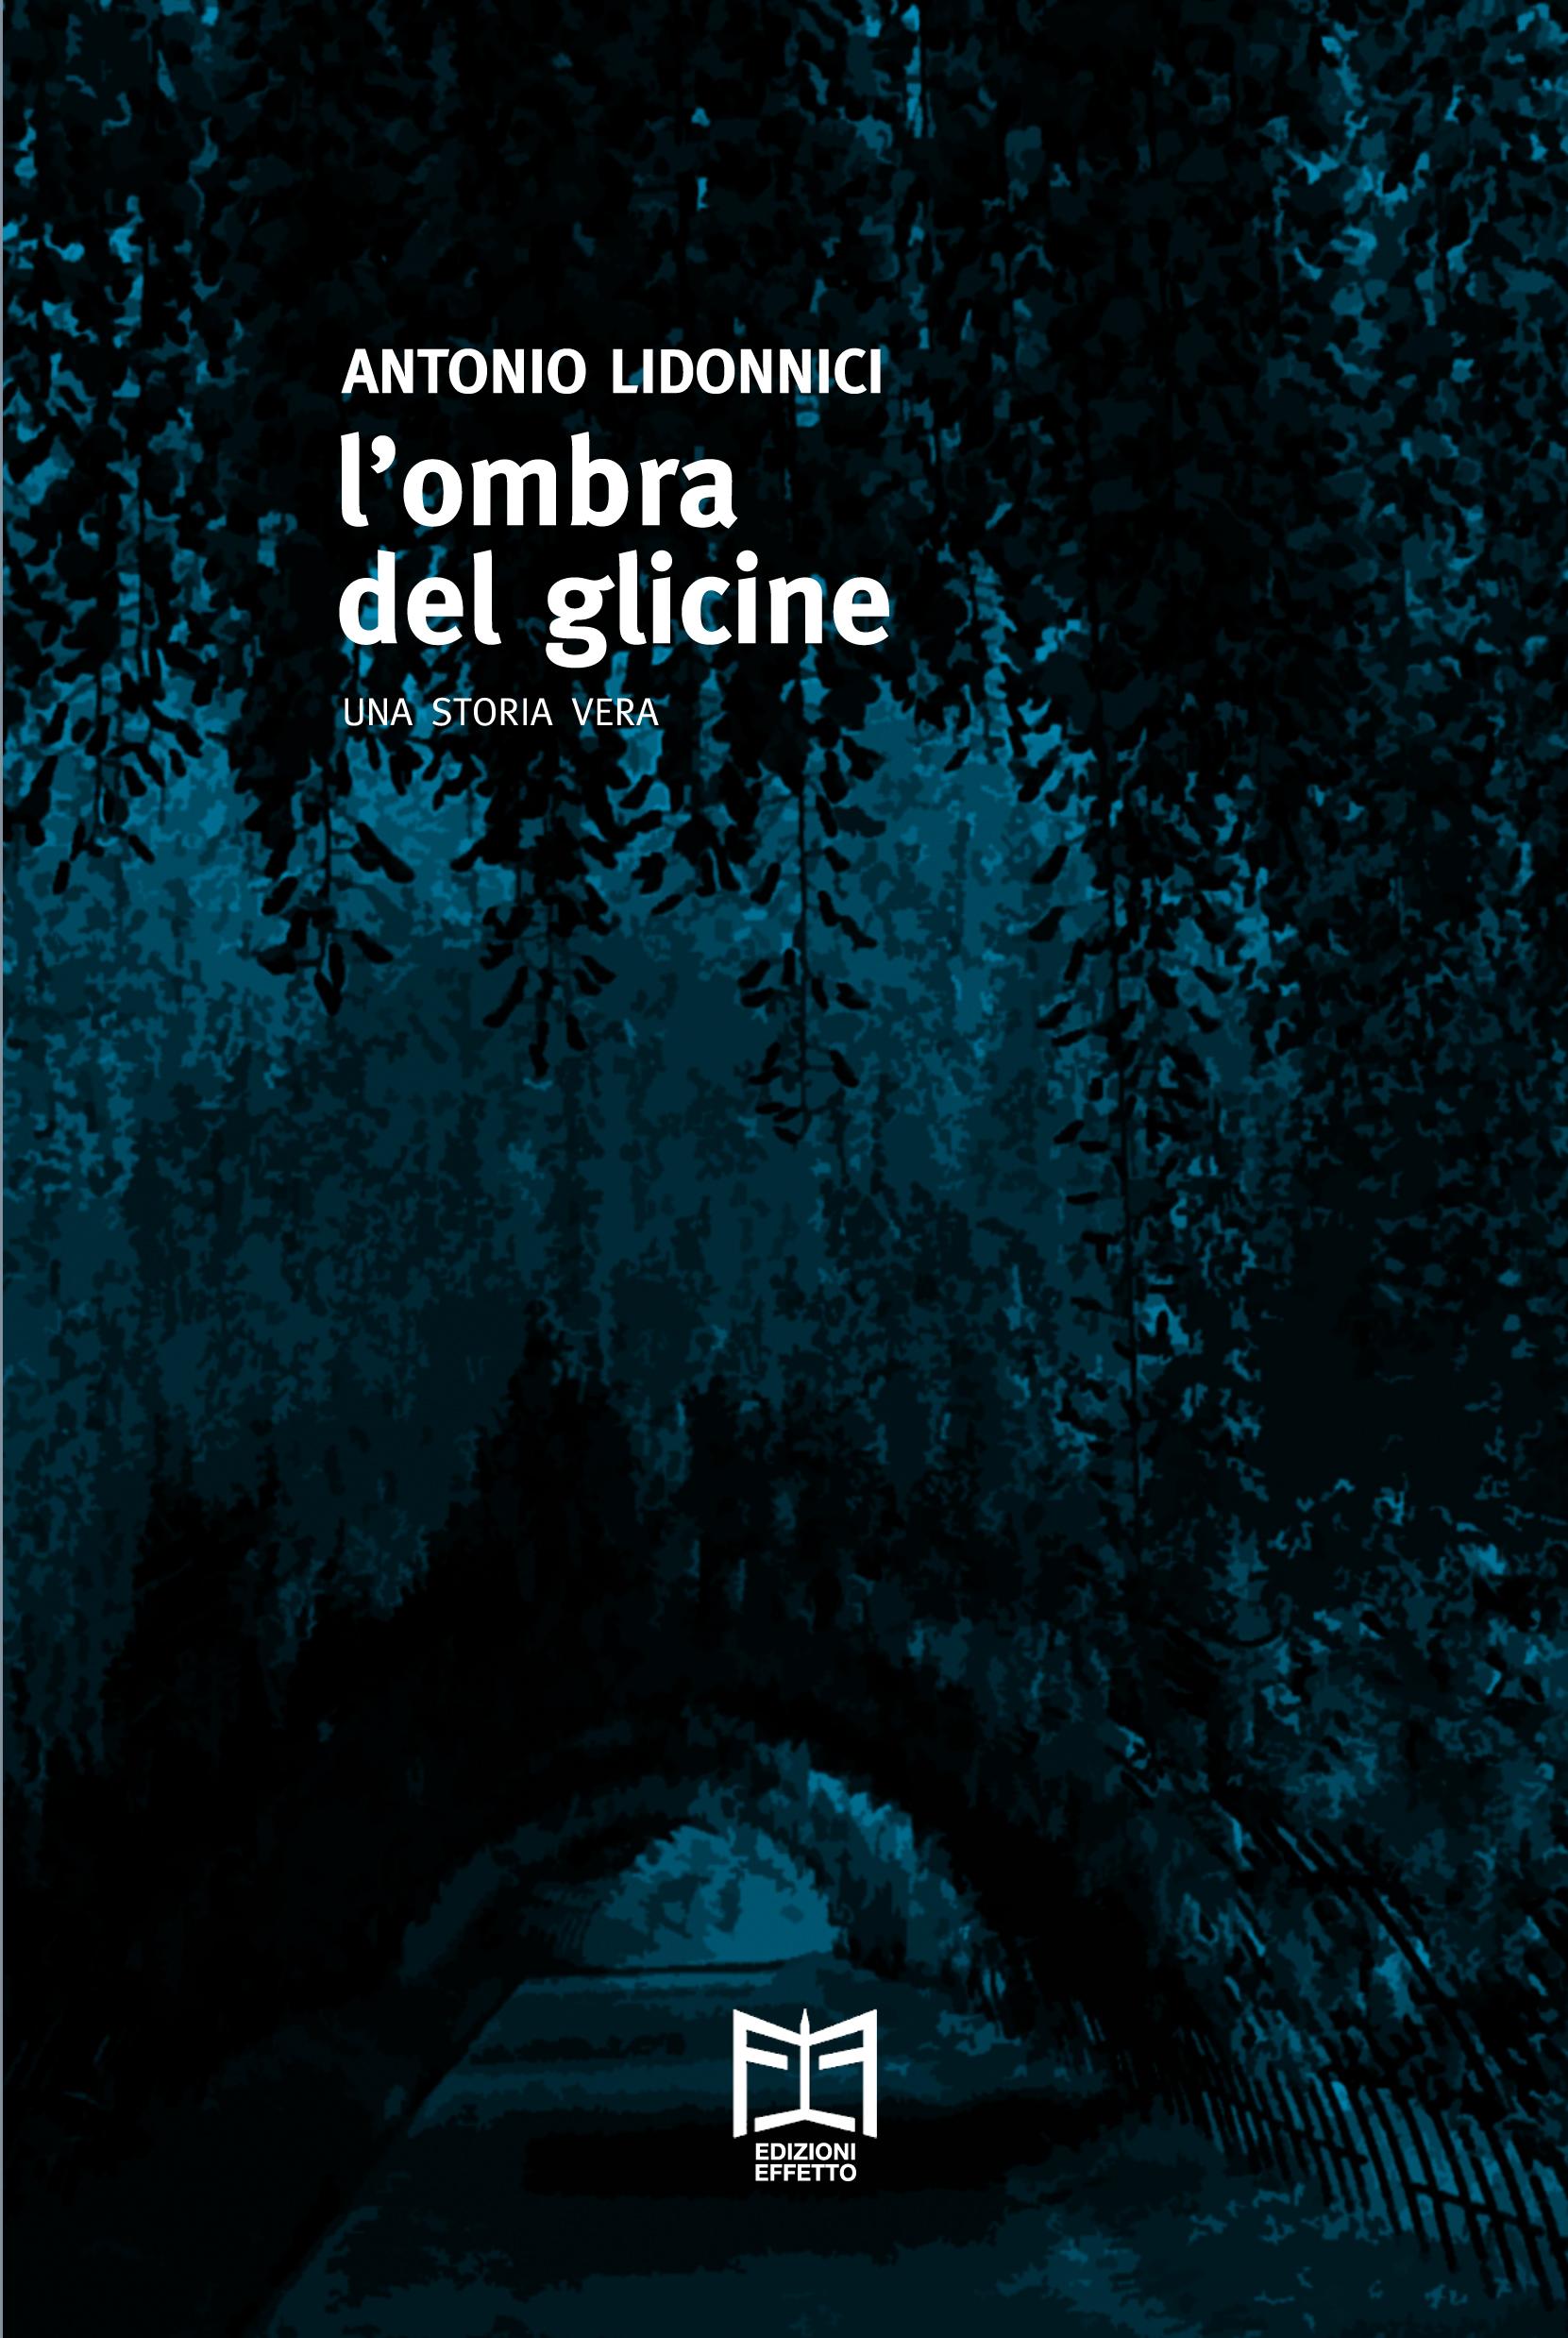 """""""L'ombra del glicine""""- Una storia vera di Antonio Lidonnici"""